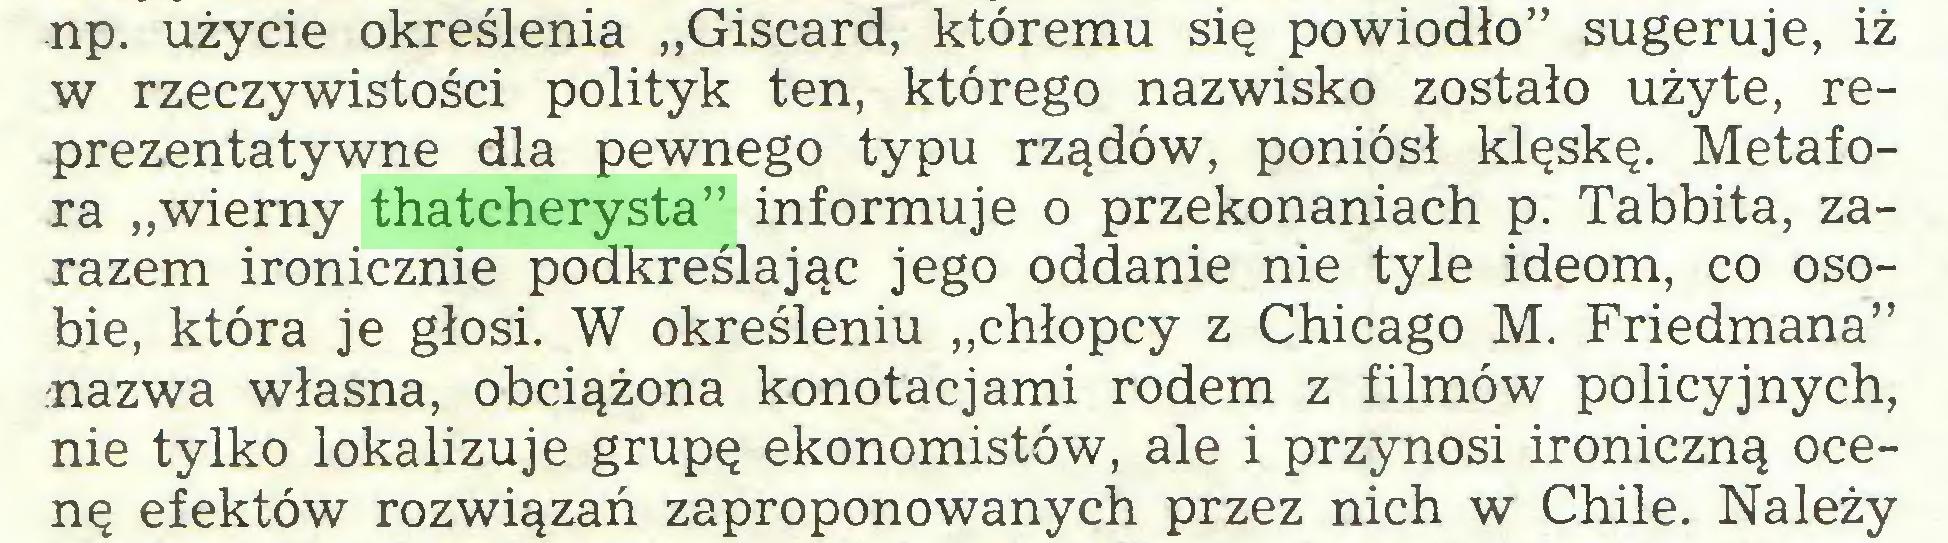 """(...) np. użycie określenia """"Giscard, któremu się powiodło"""" sugeruje, iż w rzeczywistości polityk ten, którego nazwisko zostało użyte, reprezentatywne dla pewnego typu rządów, poniósł klęskę. Metafora """"wierny thatcherysta"""" informuje o przekonaniach p. Tabbita, zarazem ironicznie podkreślając jego oddanie nie tyle ideom, co osobie, która je głosi. W określeniu """"chłopcy z Chicago M. Friedmana"""" nazwa własna, obciążona konotacjami rodem z filmów policyjnych, nie tylko lokalizuje grupę ekonomistów, ale i przynosi ironiczną ocenę efektów rozwiązań zaproponowanych przez nich w Chile. Należy..."""